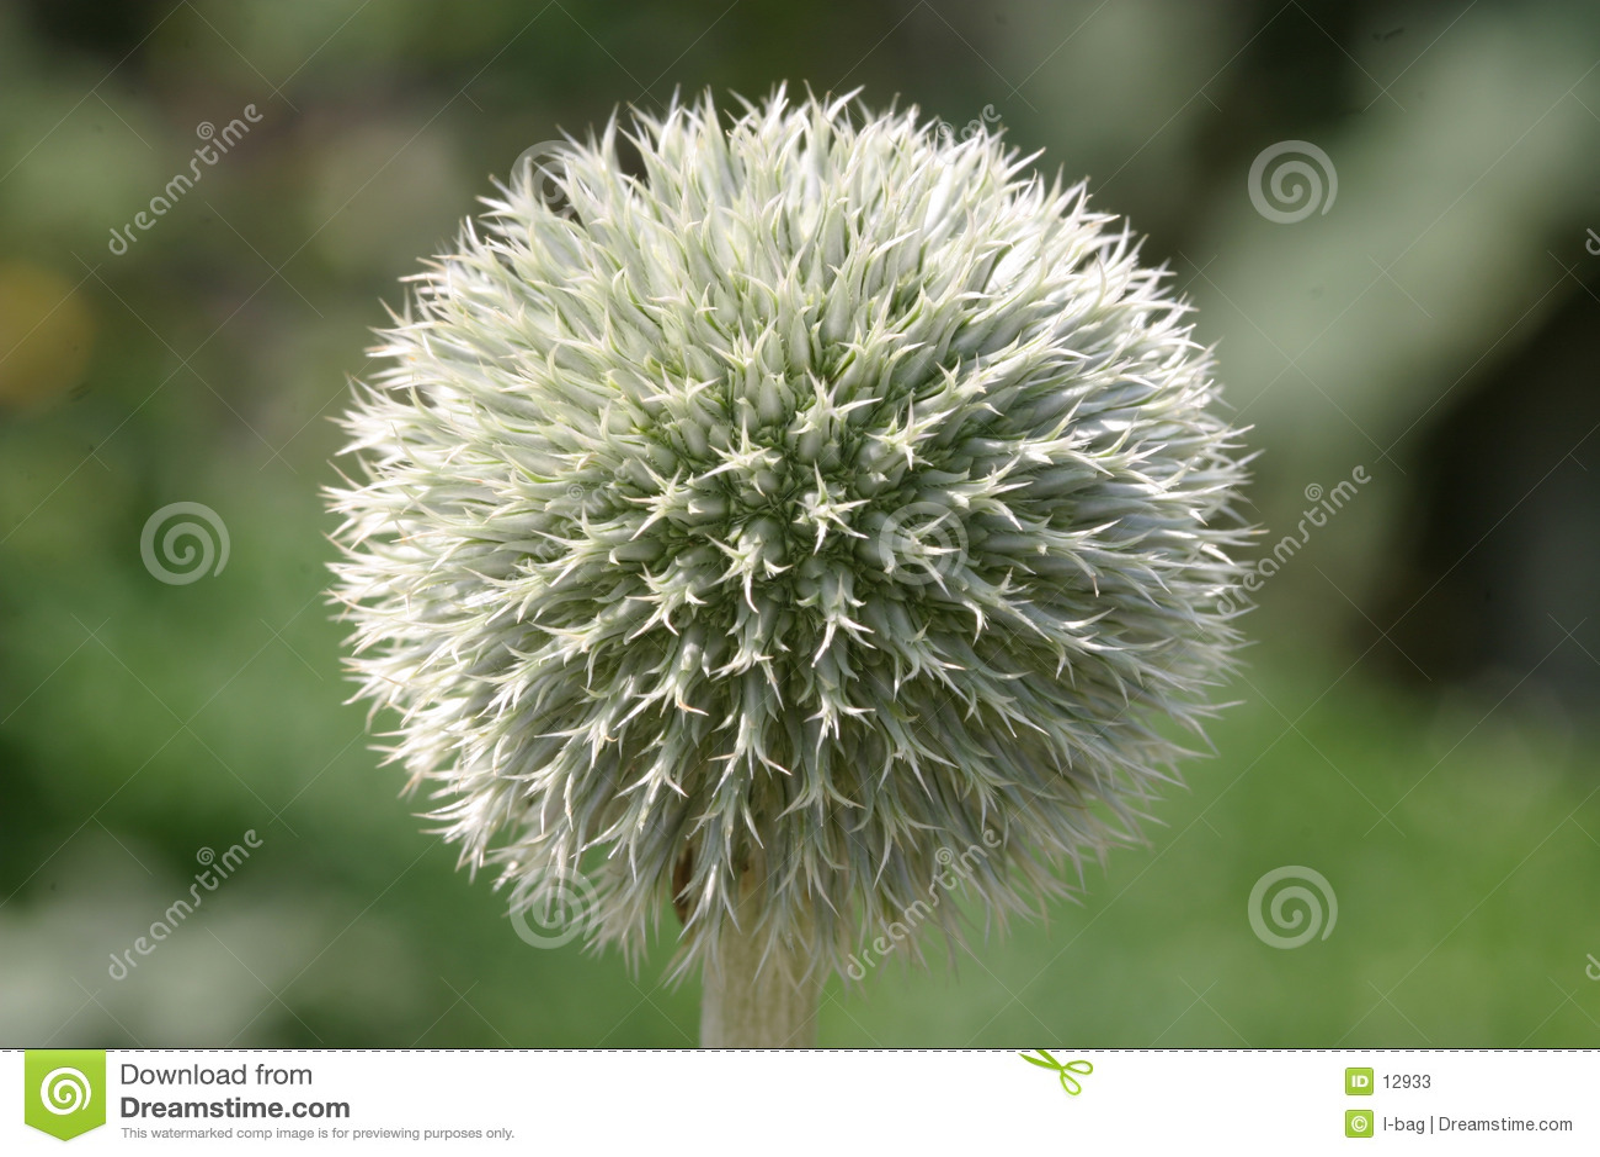 Blossom ball